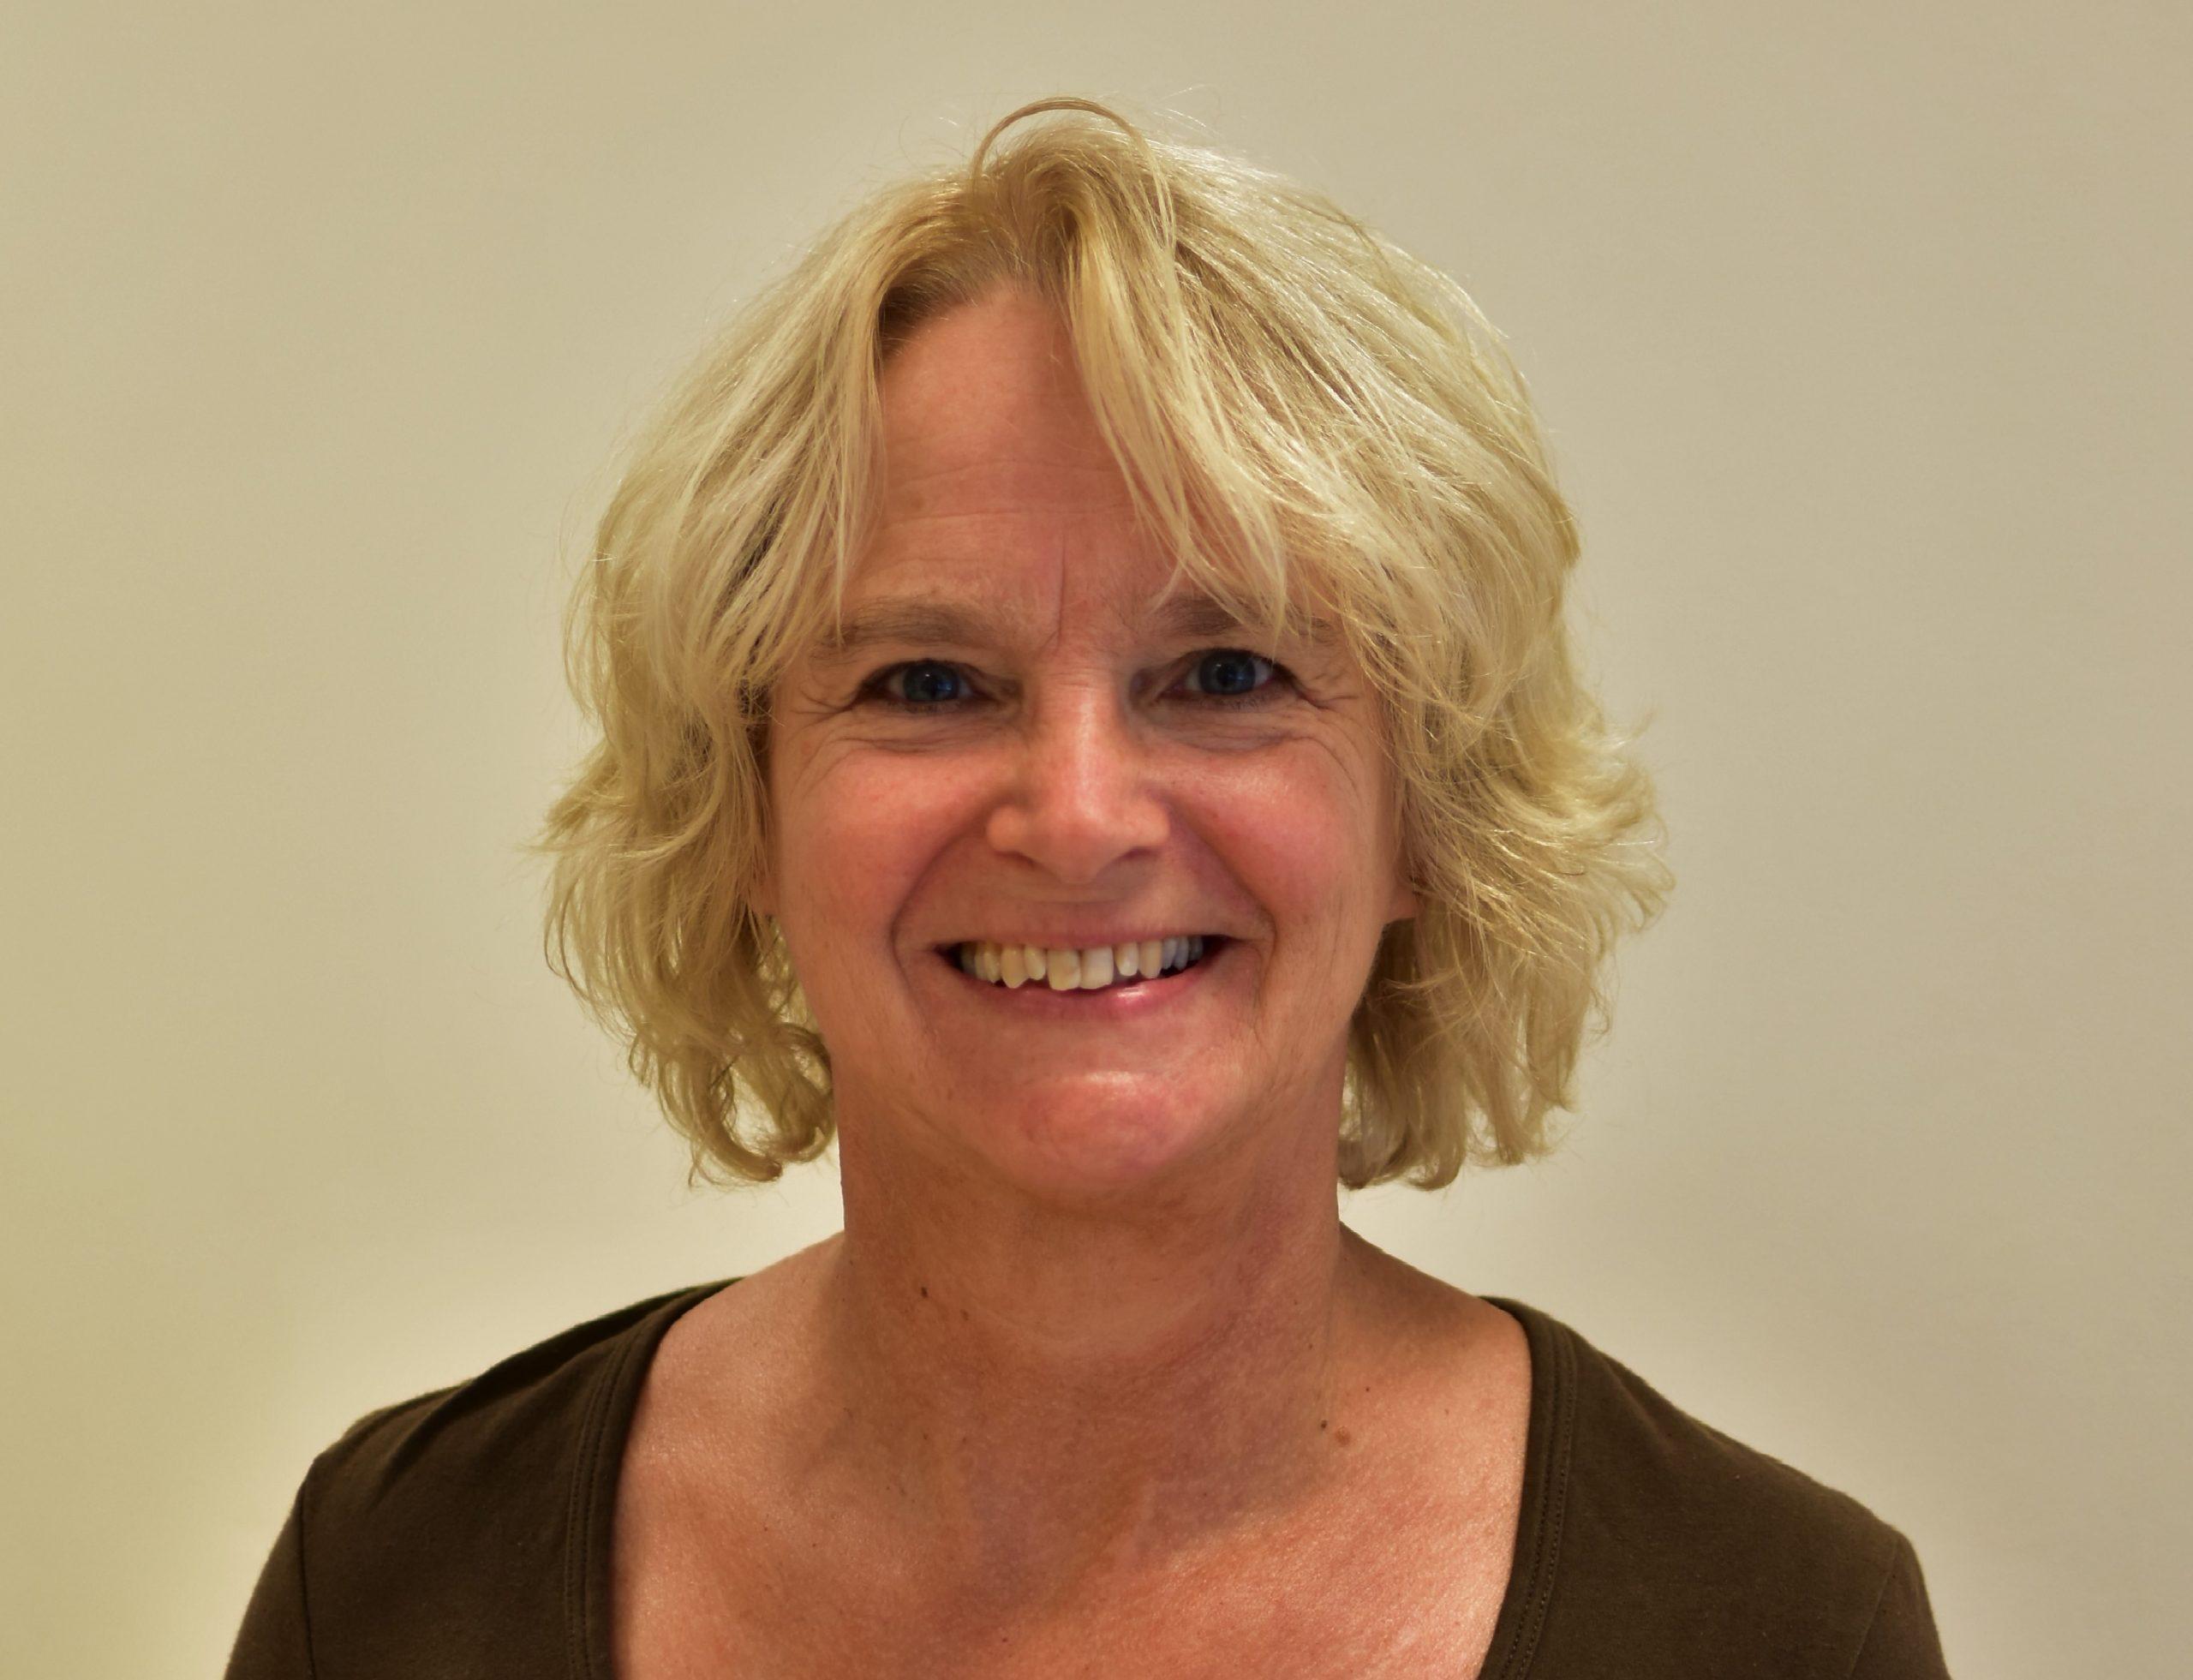 Monique Zonneveld